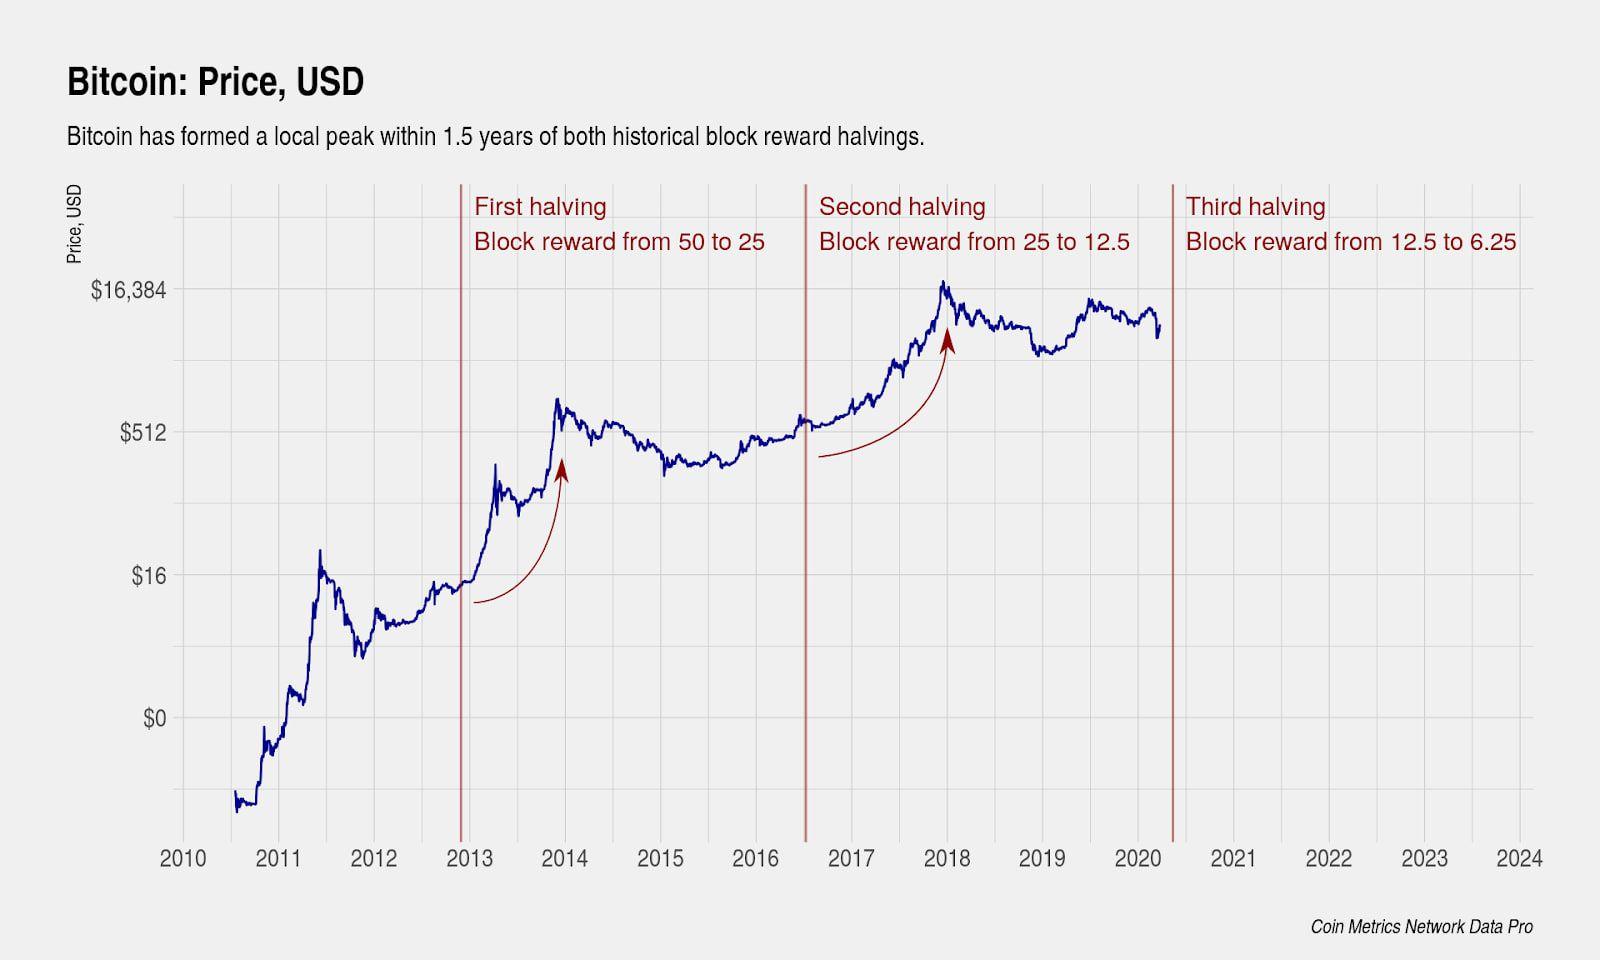 Bitcoin árelőrejelzés az évre